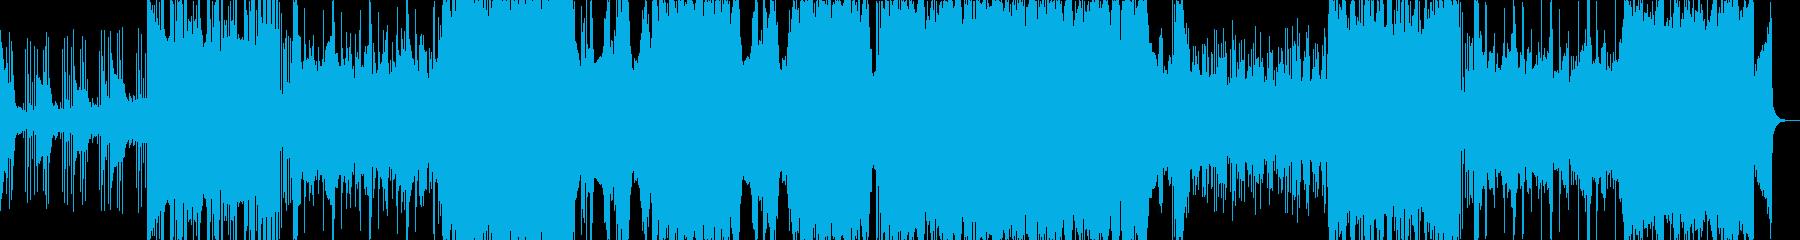 幻想的なフューチャーベース(声ネタ無し)の再生済みの波形